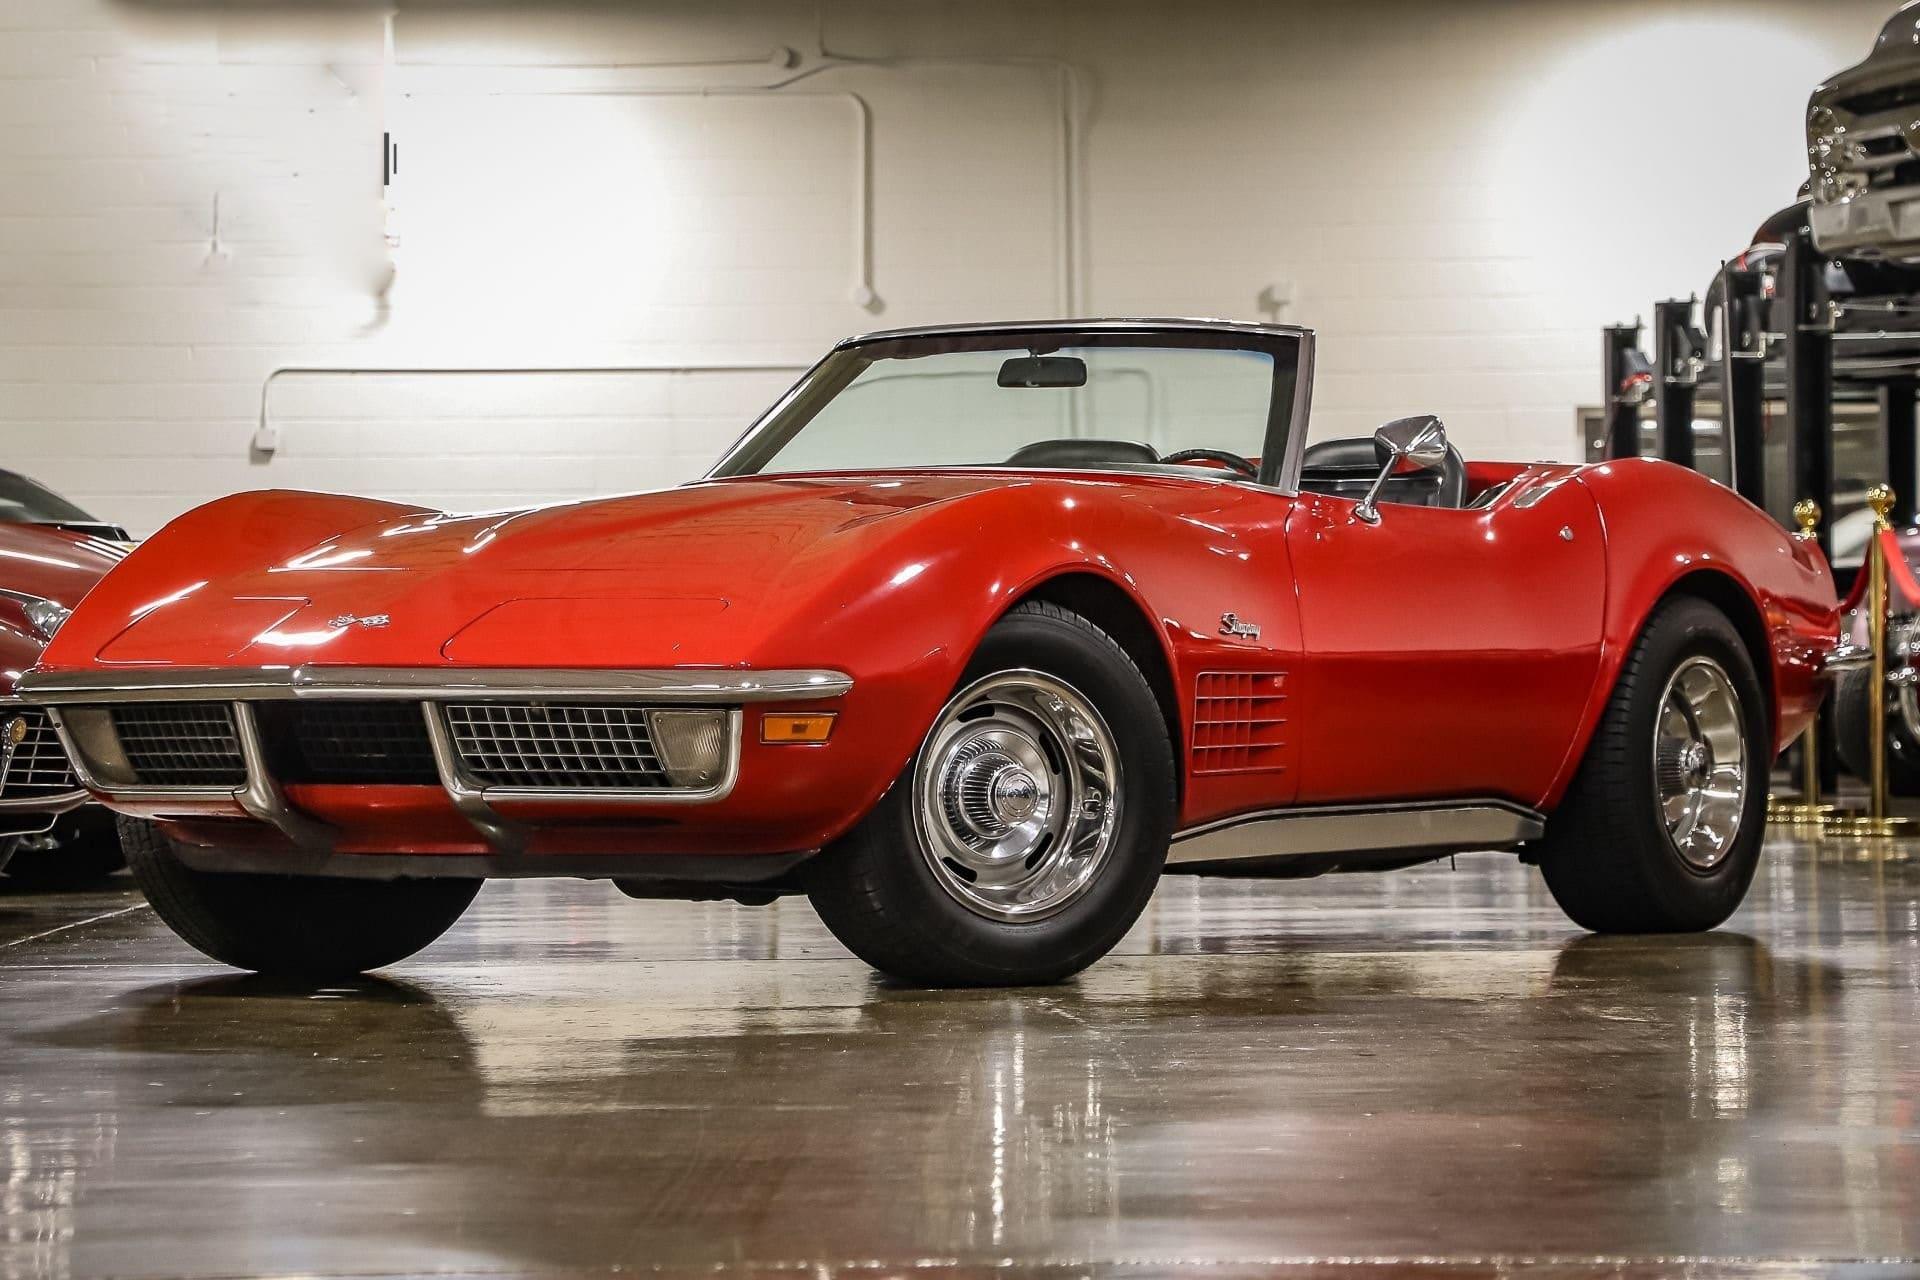 Chevrolet Corvette convertible 1970 à vendre sur www.european-vintage-cars.com/fr.